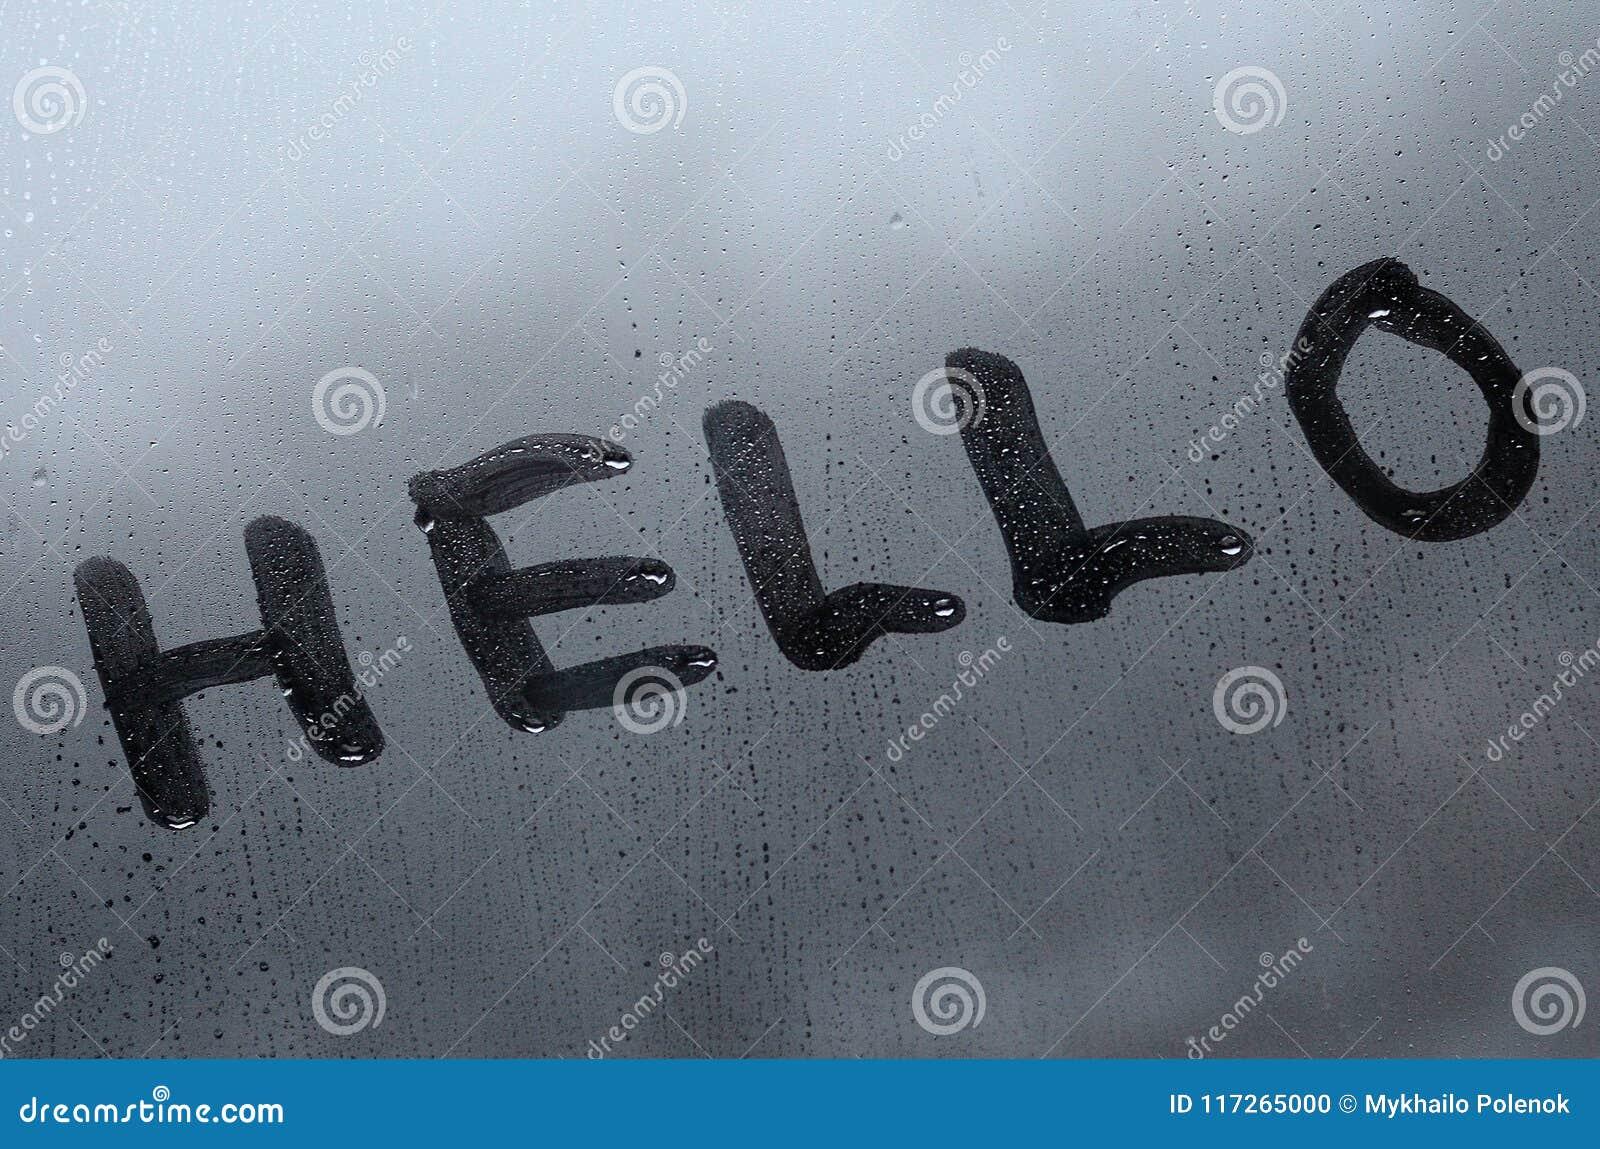 La parola inglese ciao è scritta con un dito sulla superficie del vetro appannato